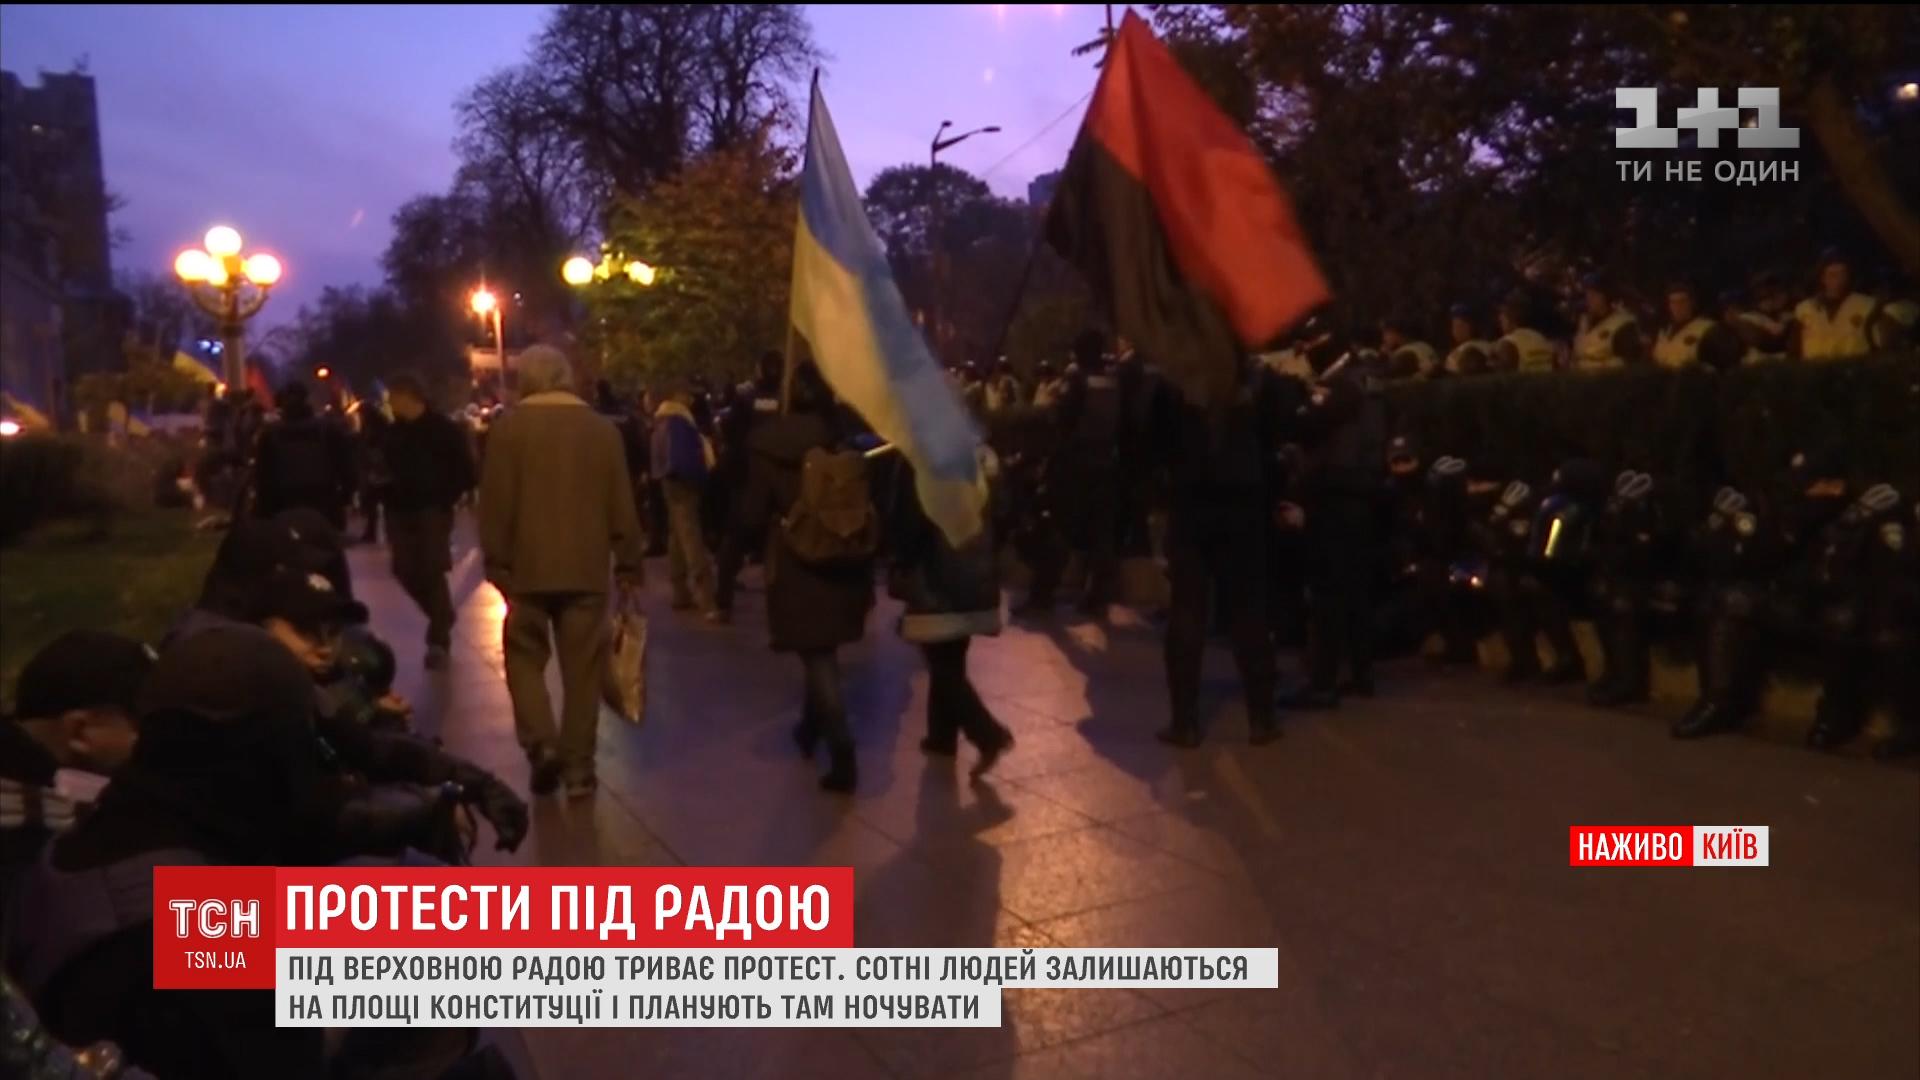 Примерно тысяча митингующих еще остается под Радой / Скриншот видео ТСН